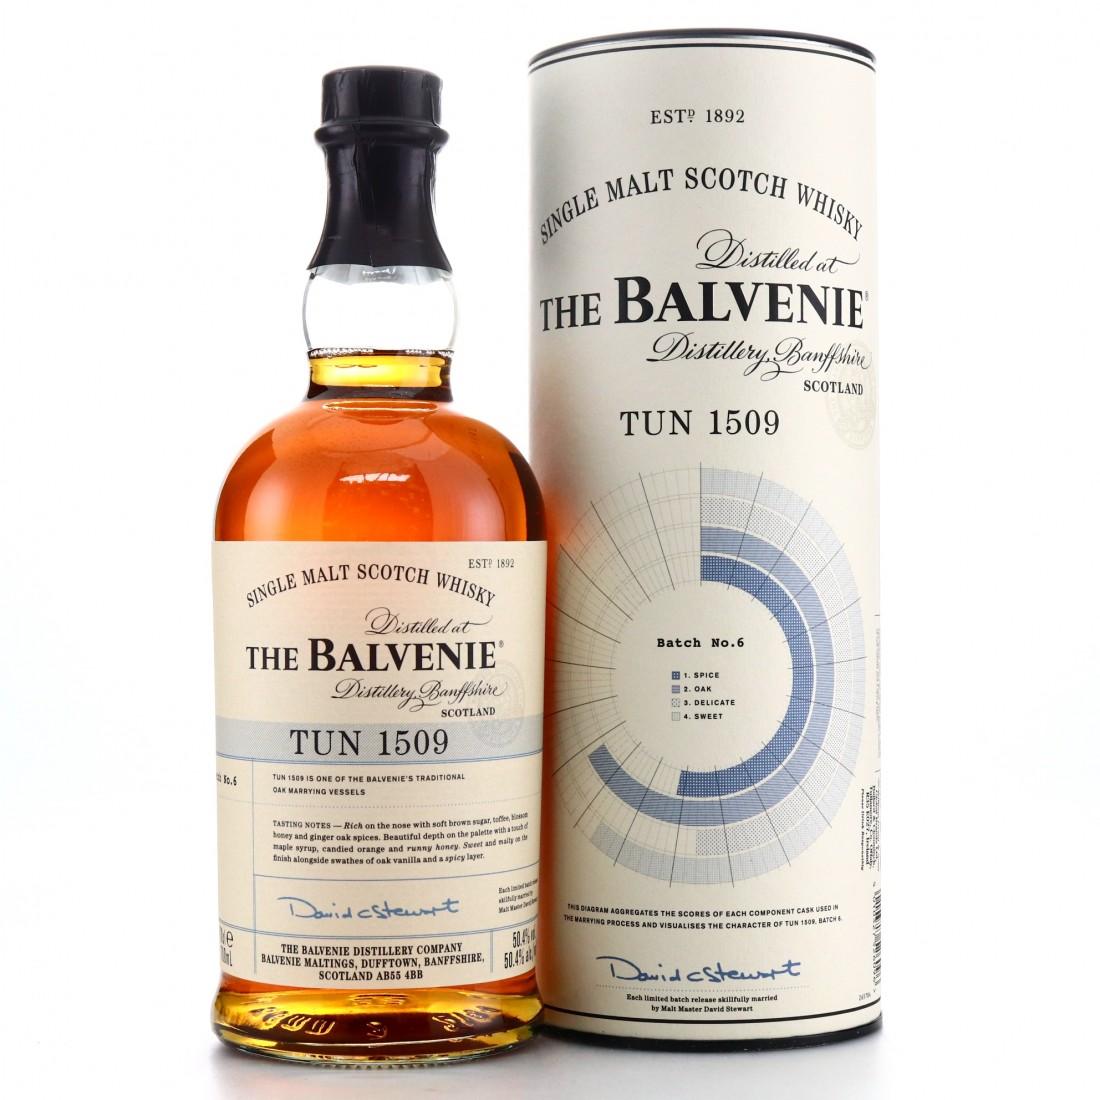 Balvenie Tun 1509 Batch #6